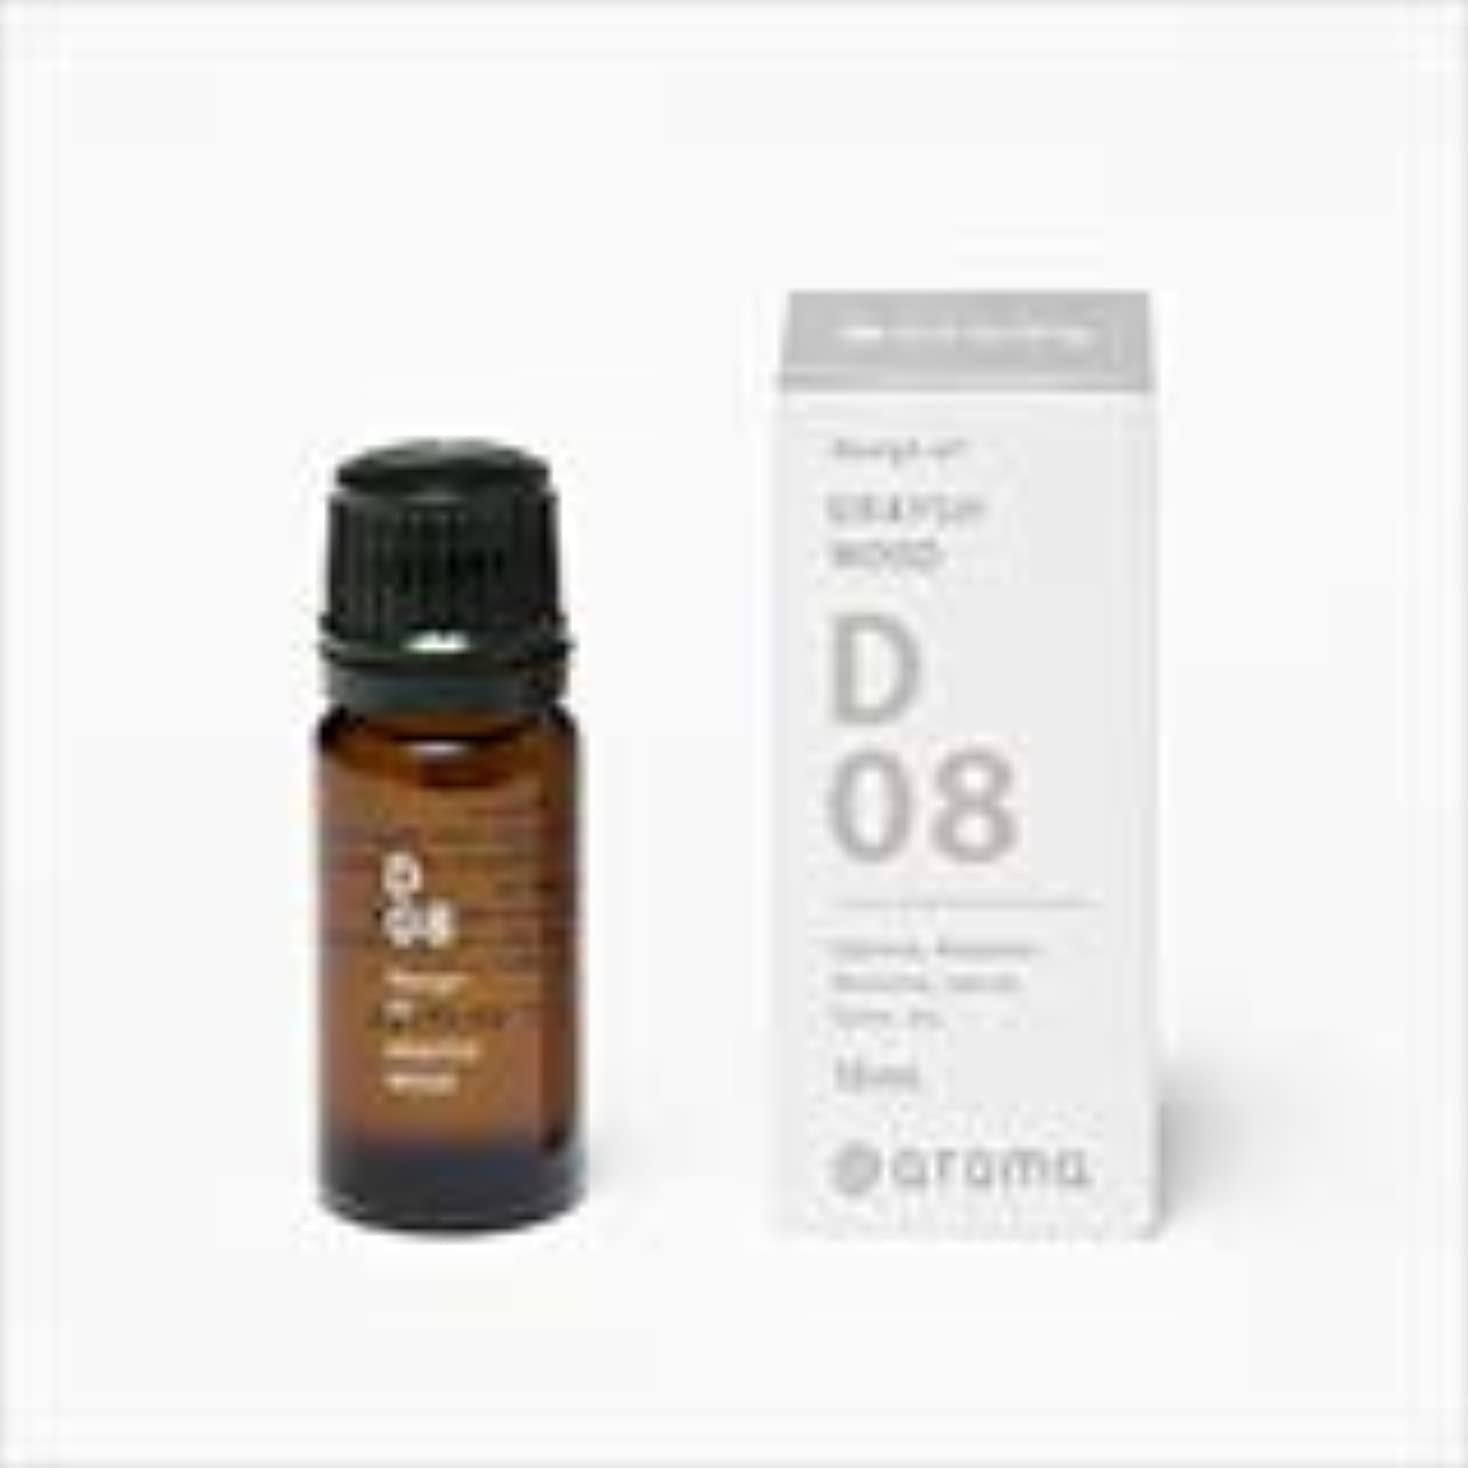 拍車壊れた黒人アットアロマ 100%pure essential oil <Design air グレイッシュウッド>